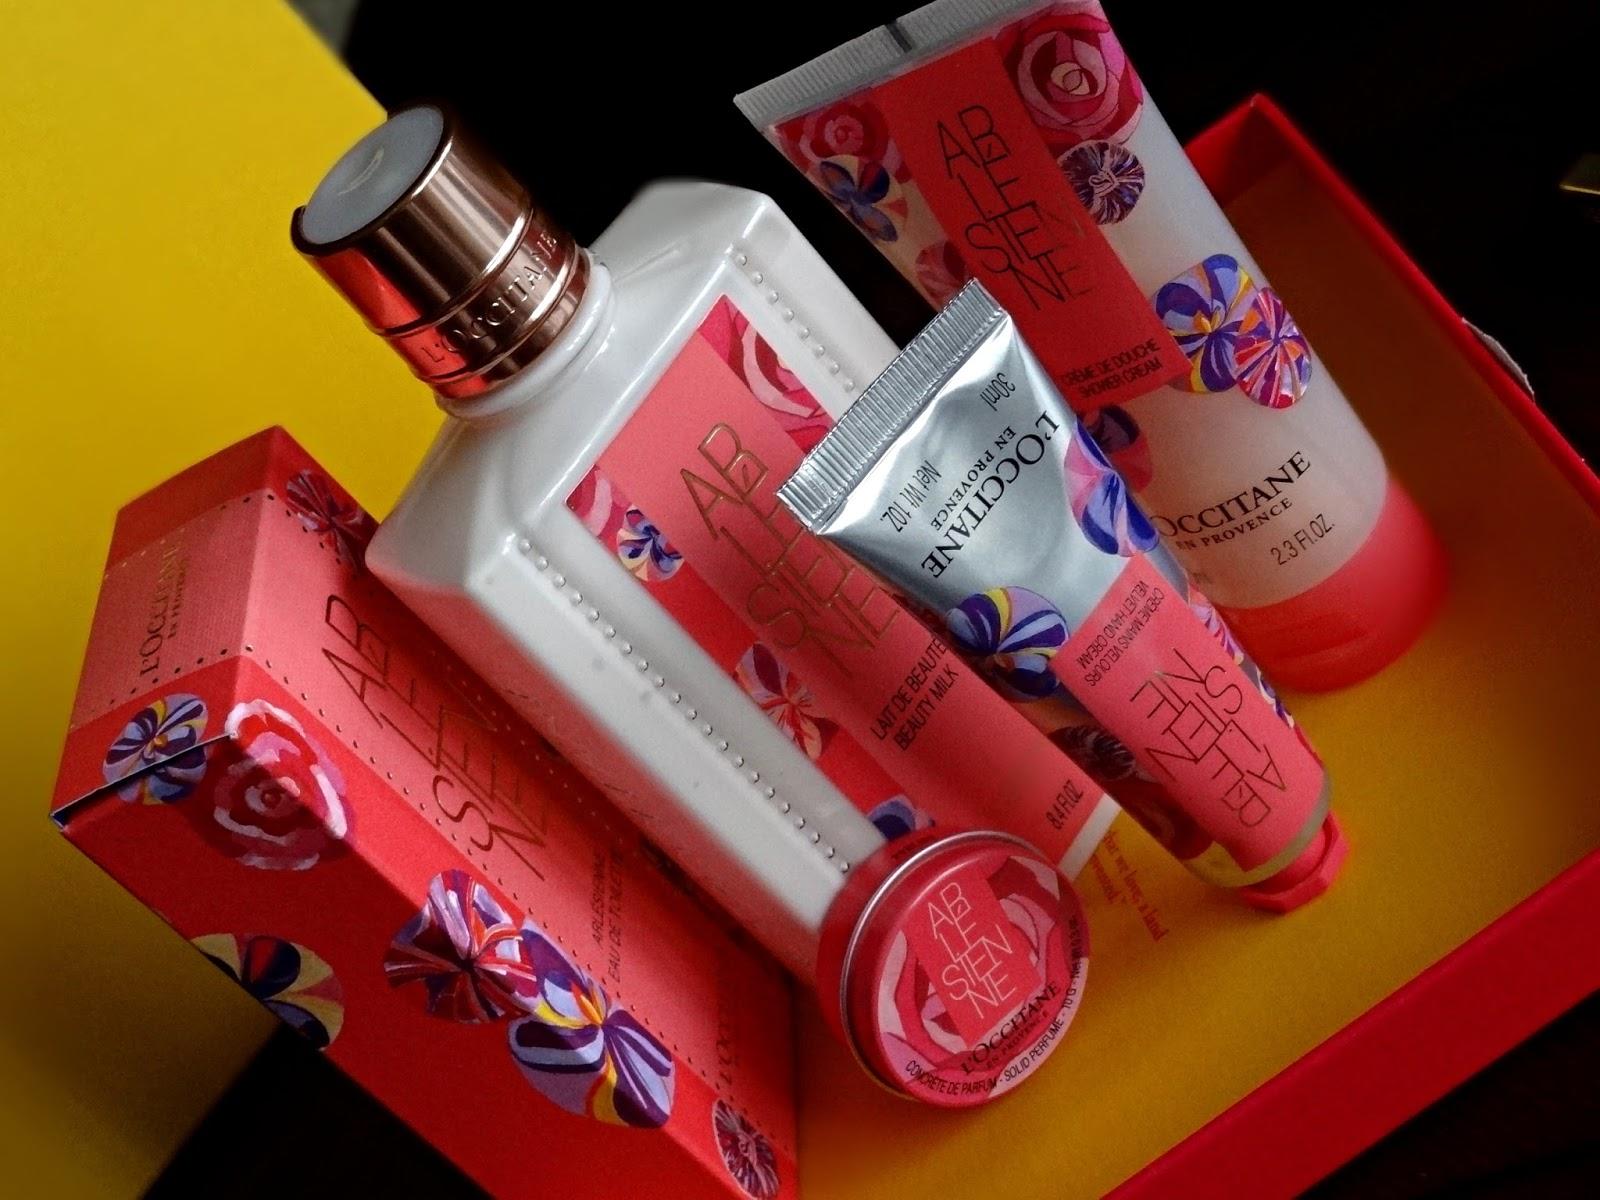 L'occitane Arlesienne EDT, Hand Cream, Shower Cream, SOlid Perfume and Body Milk